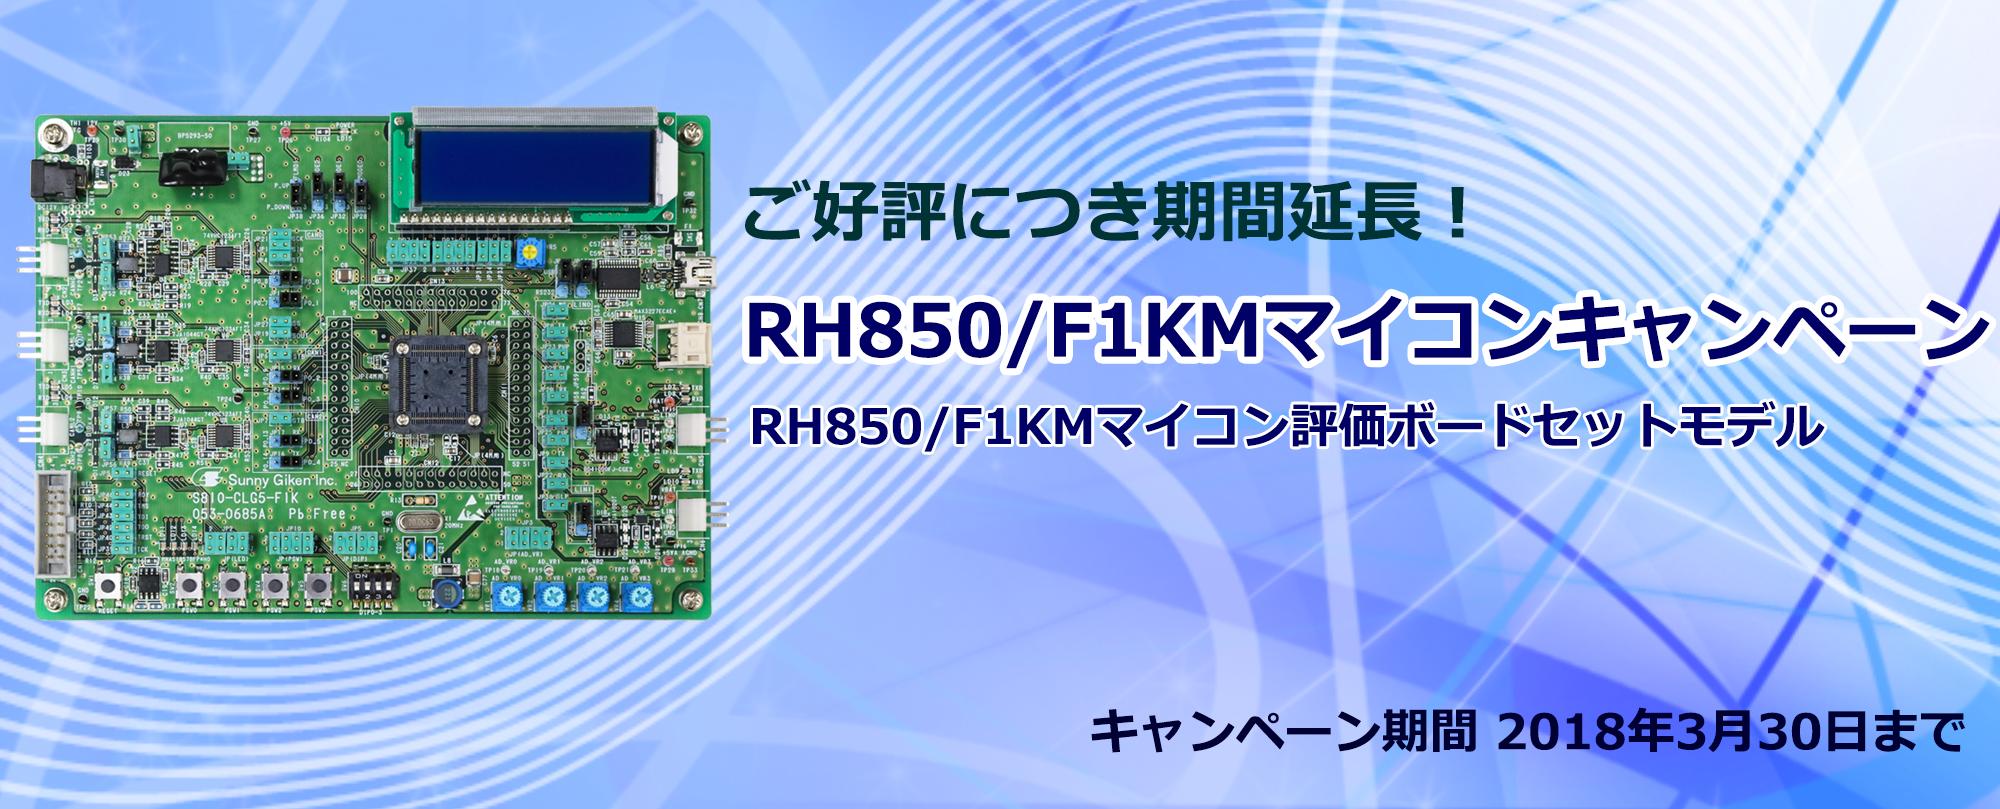 RH850_Campaign